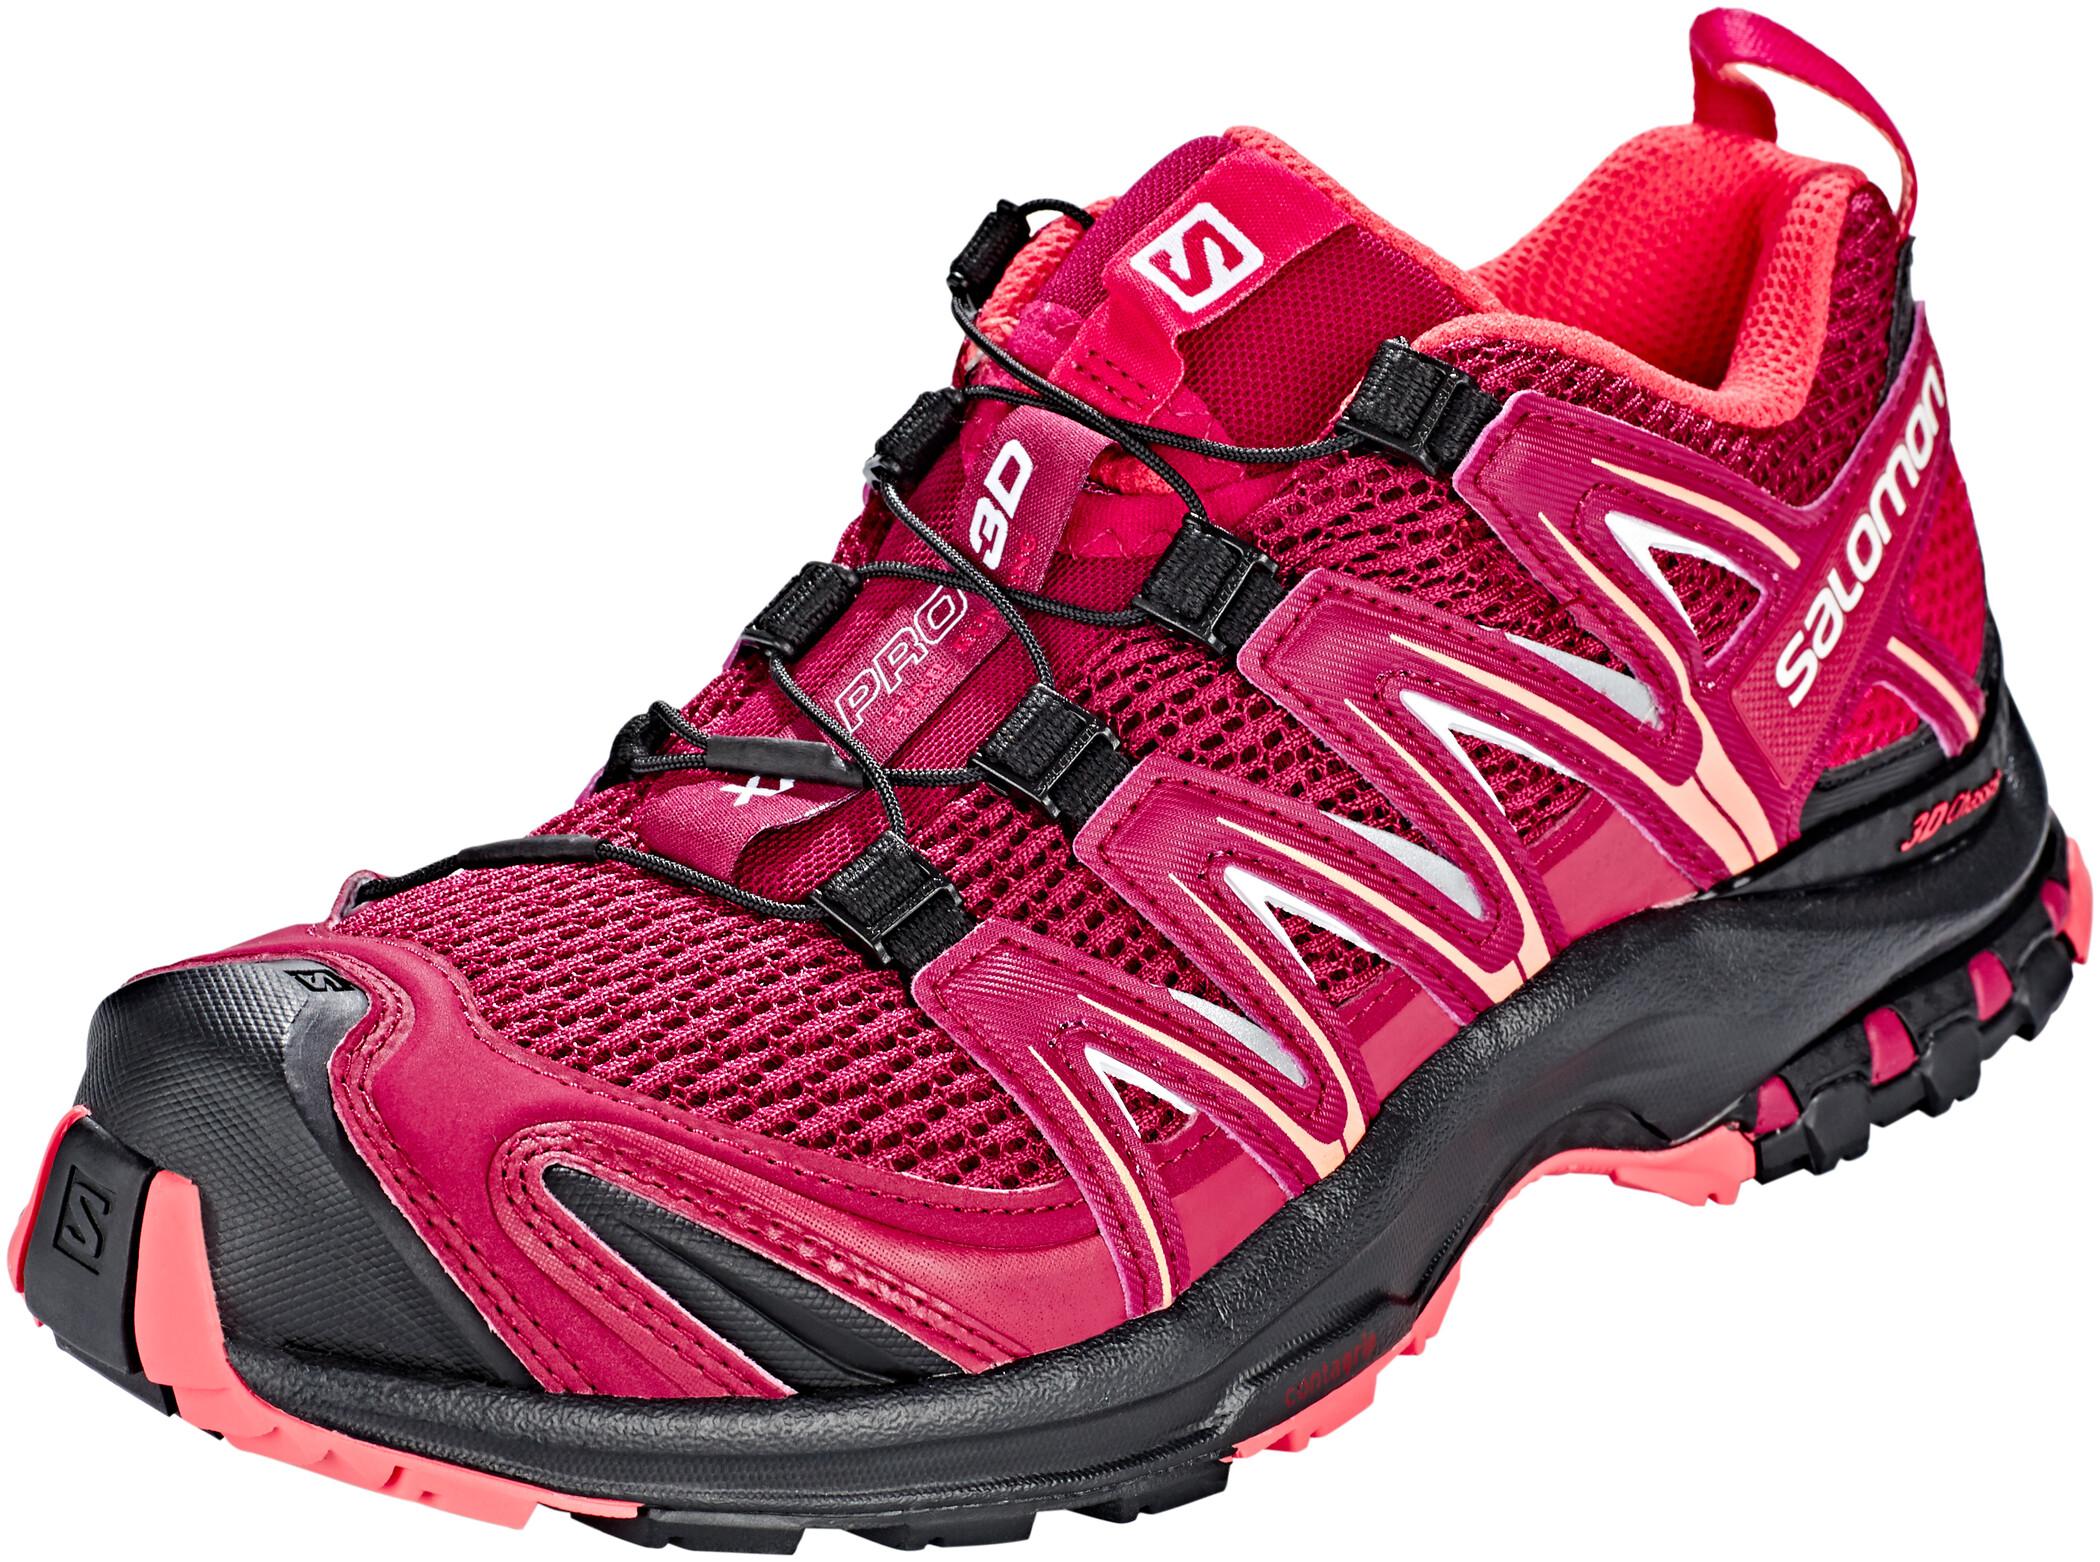 Women Pro Beet Salomon 3d Shoes Xa 1cl3TFKJ